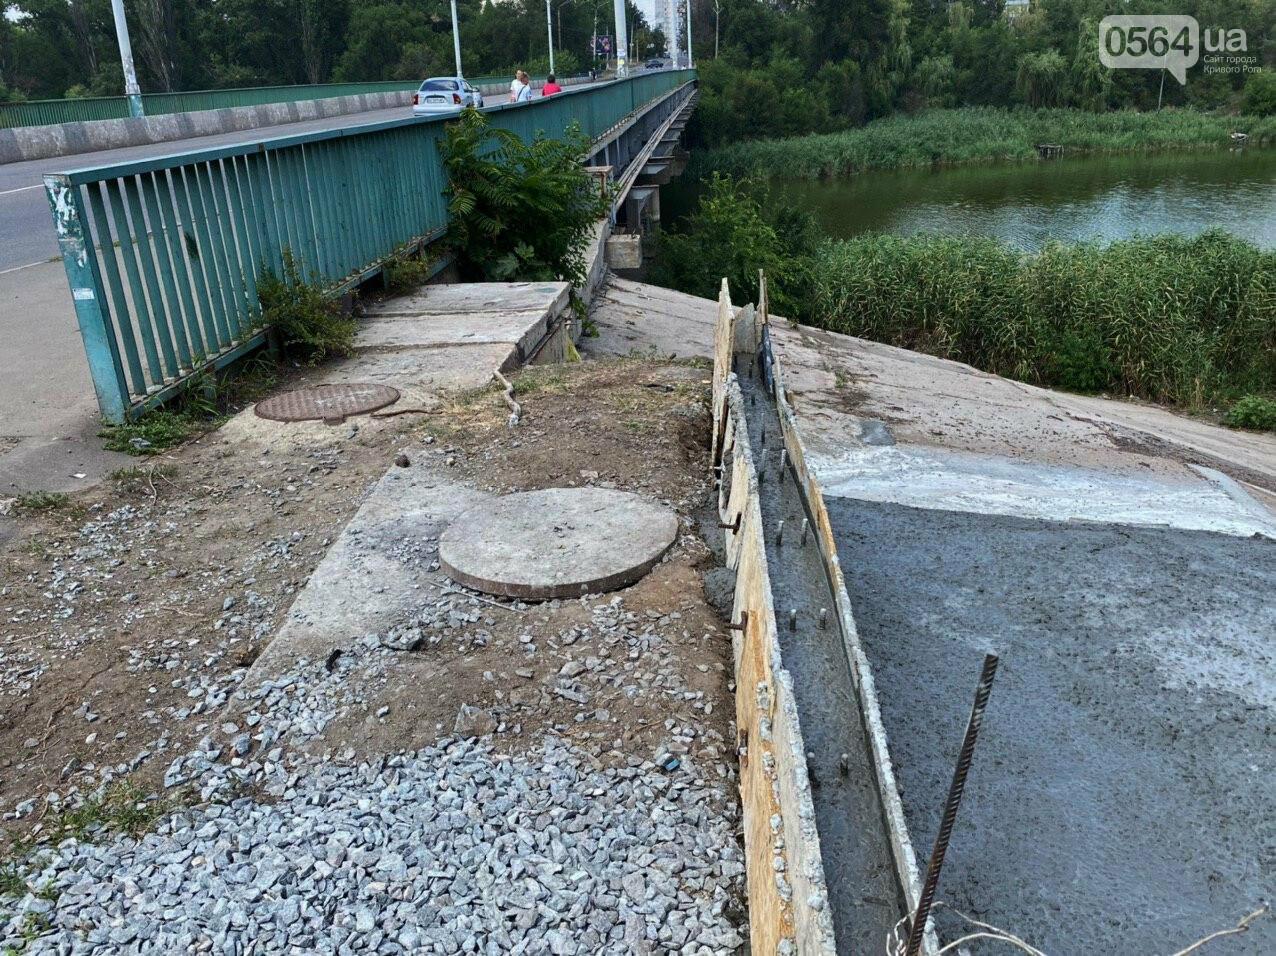 В Кривом Роге опять ремонтируют мост, где 5 лет назад произошло ЧП, - ФОТО , фото-11